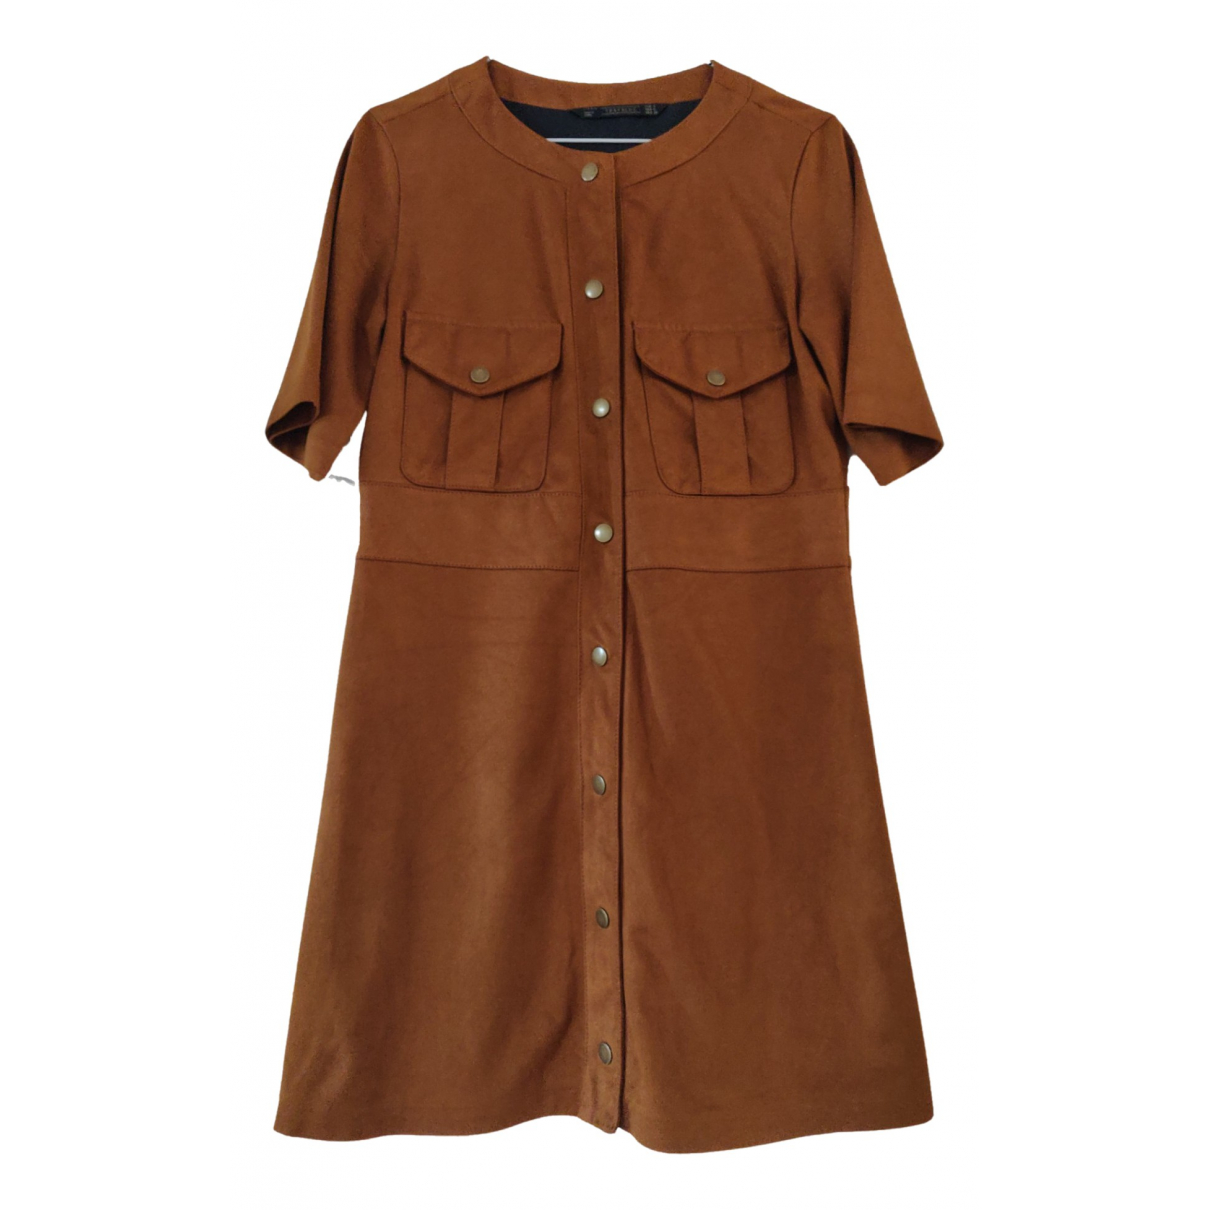 Zara \N Kleid in  Kamel Polyester